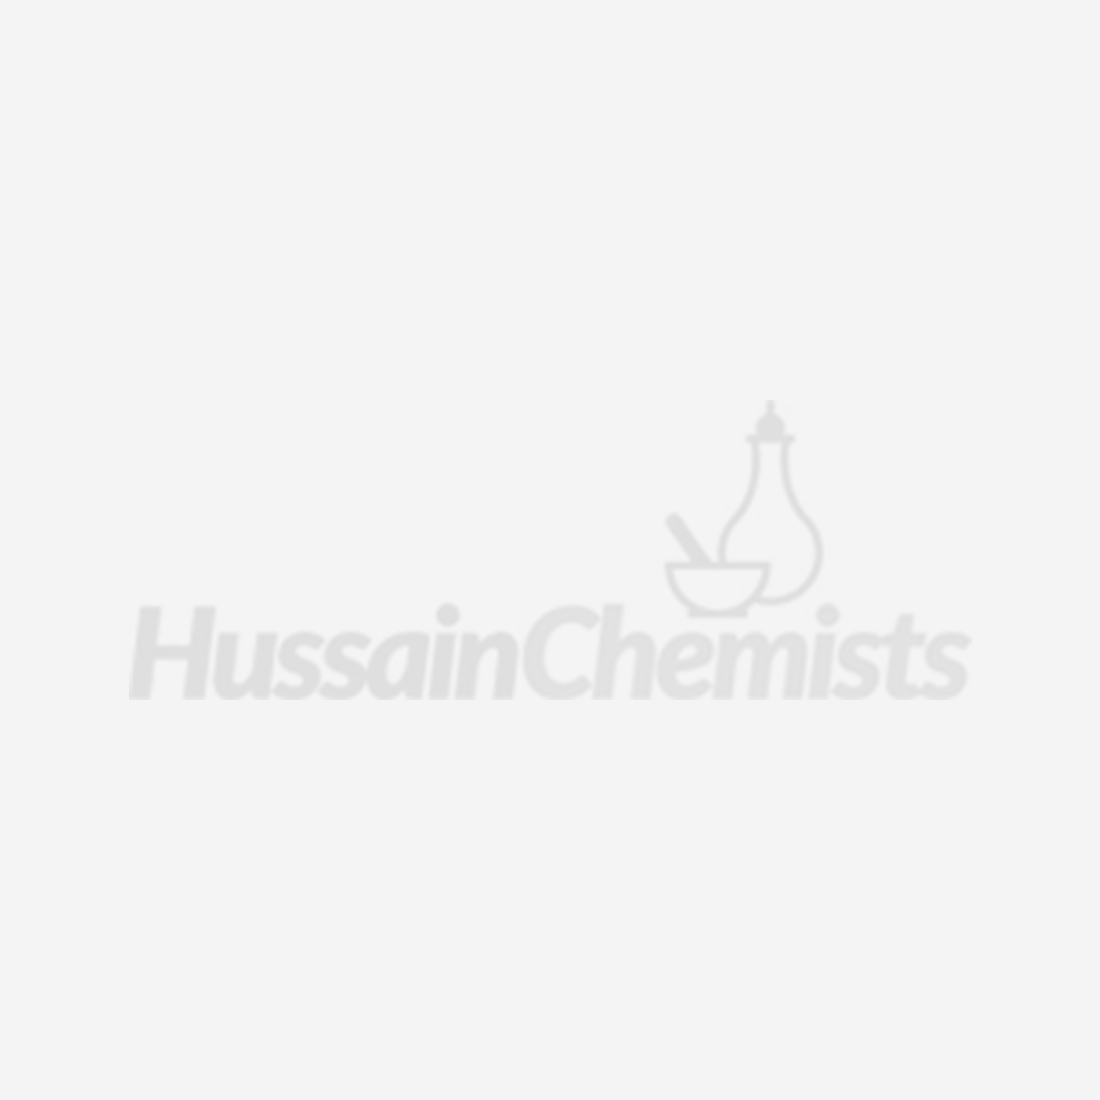 Curanail 5% Fungal Nail Treatment 3ml